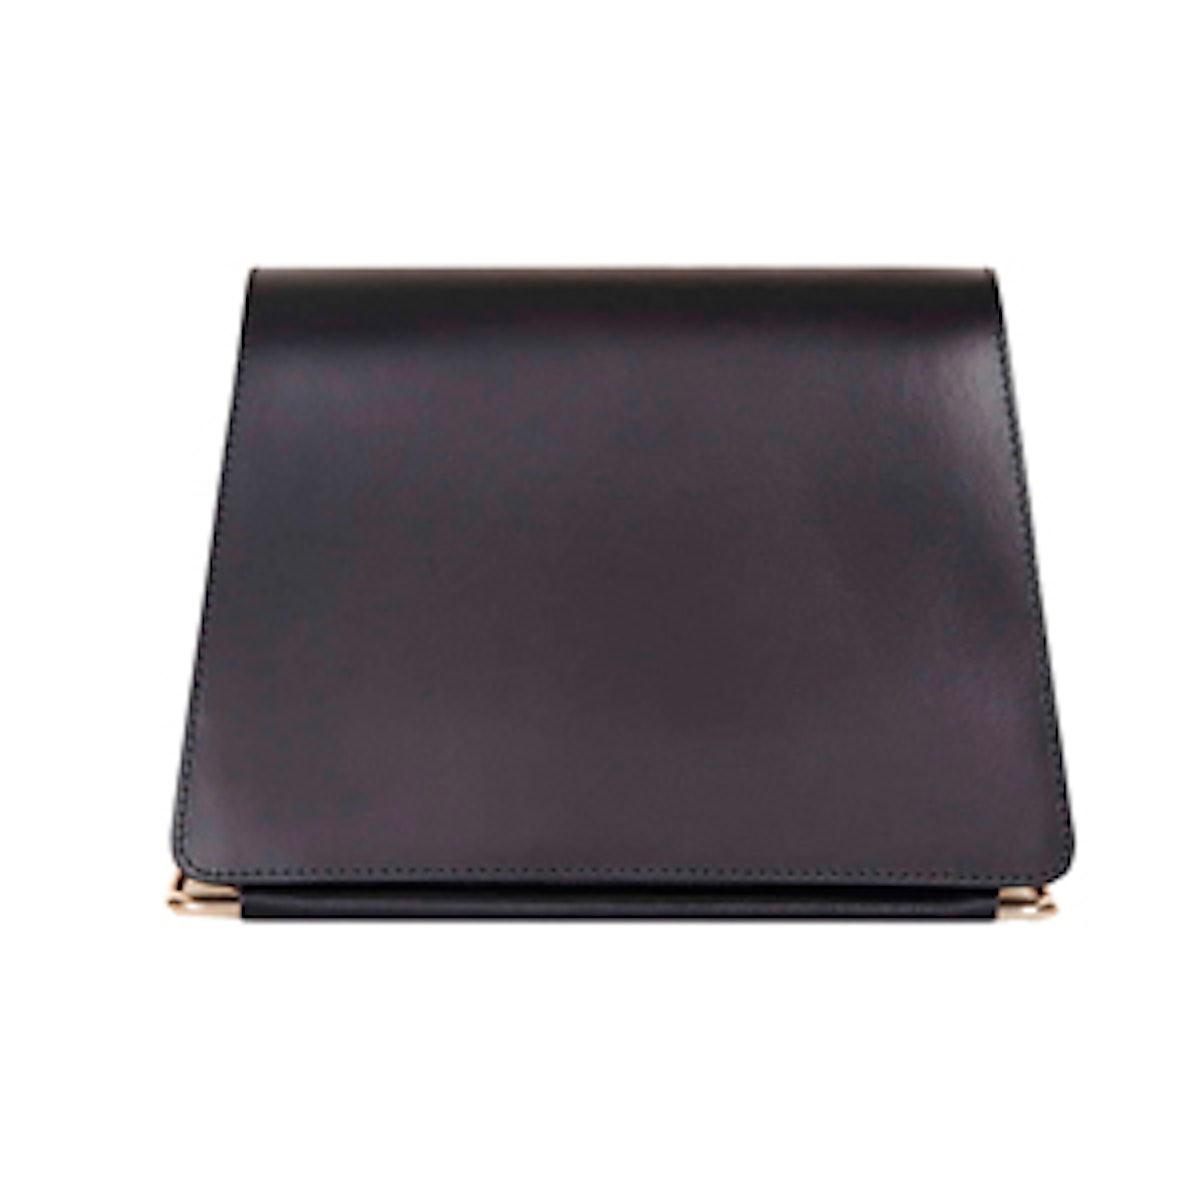 Premium Leather Clean Clutch